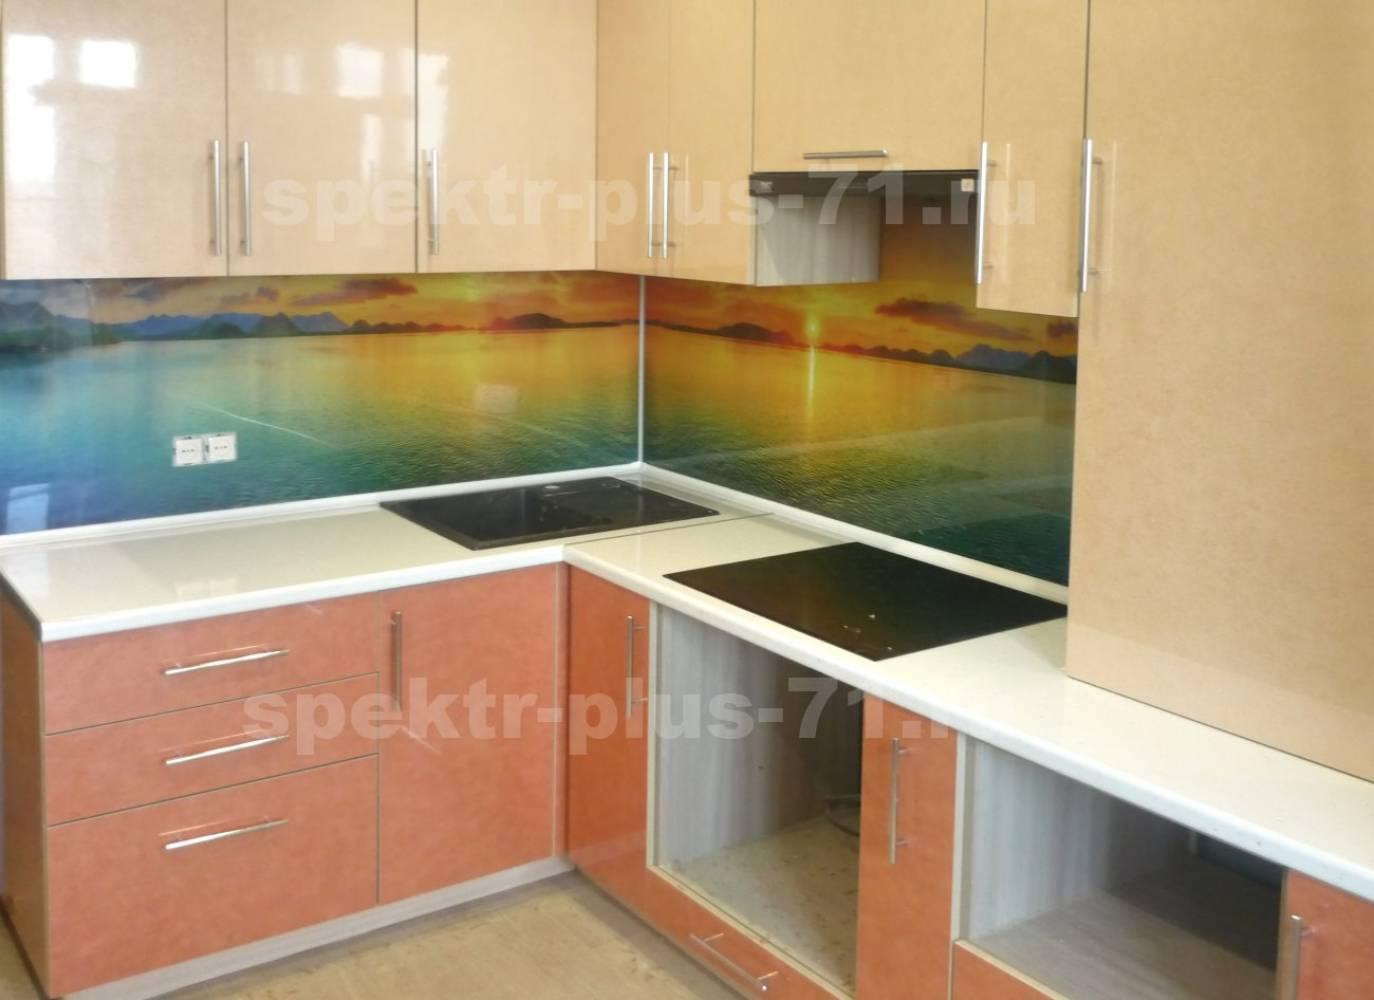 """Кухня """"Спектр-Плюс"""" 11"""